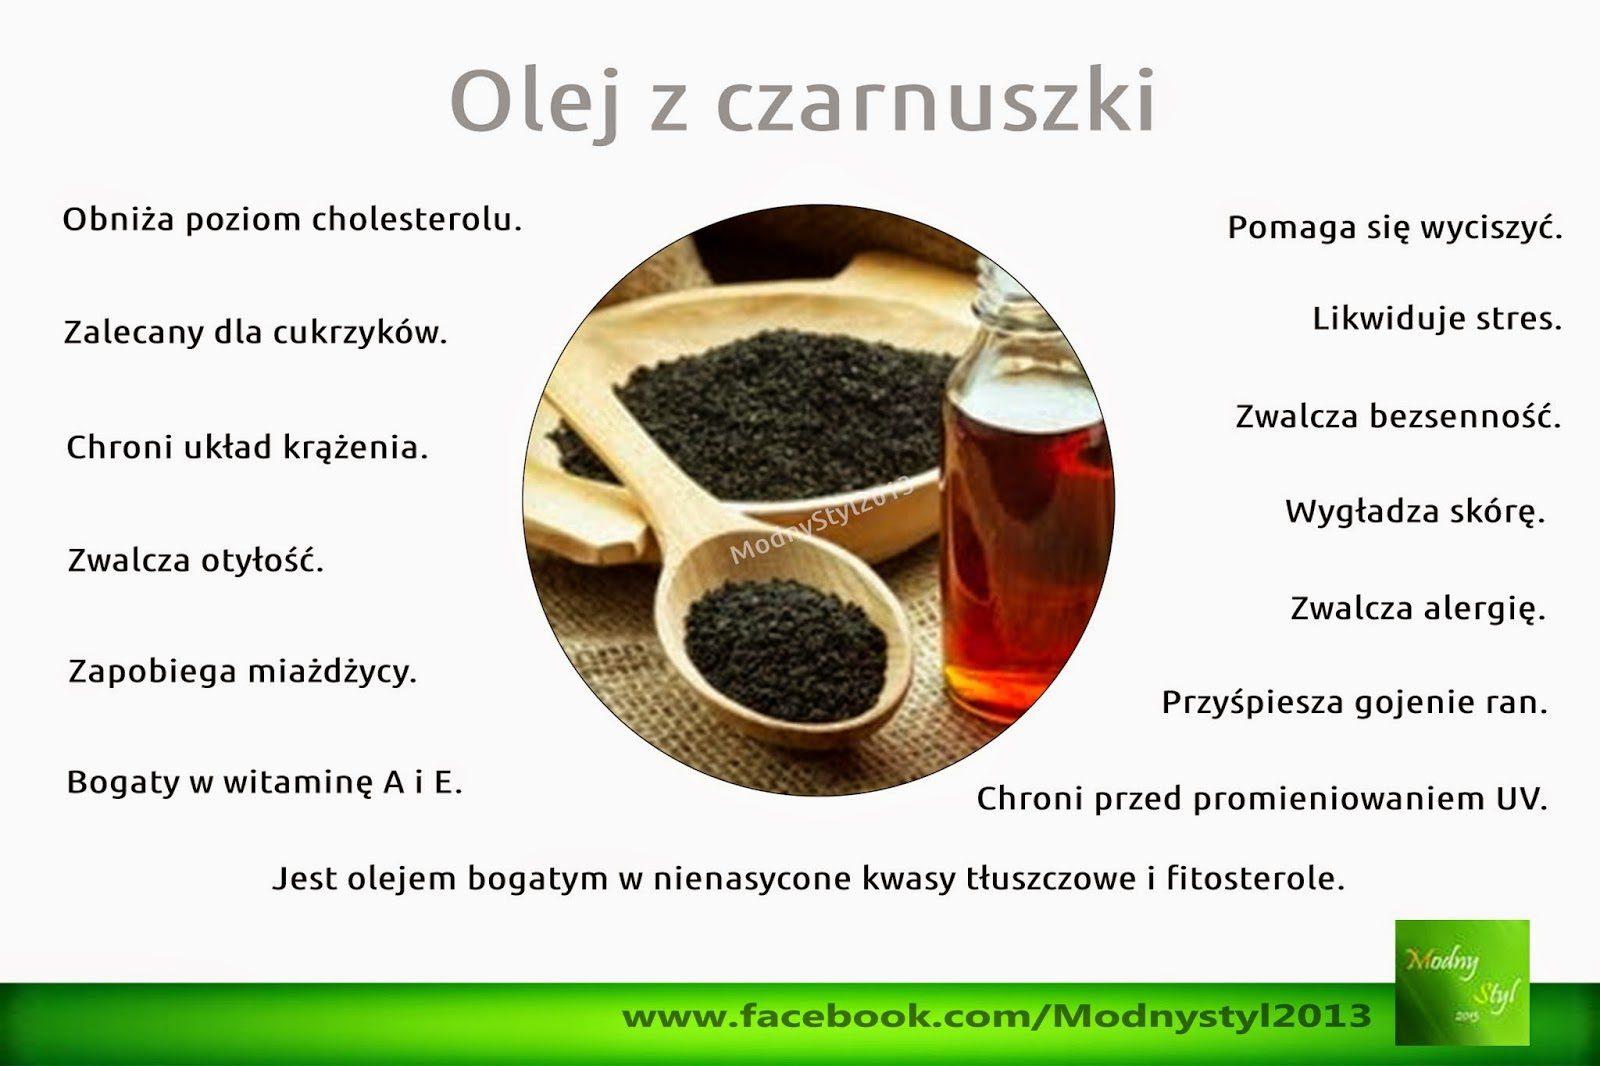 olej2bz2bczarnuszki-2656362